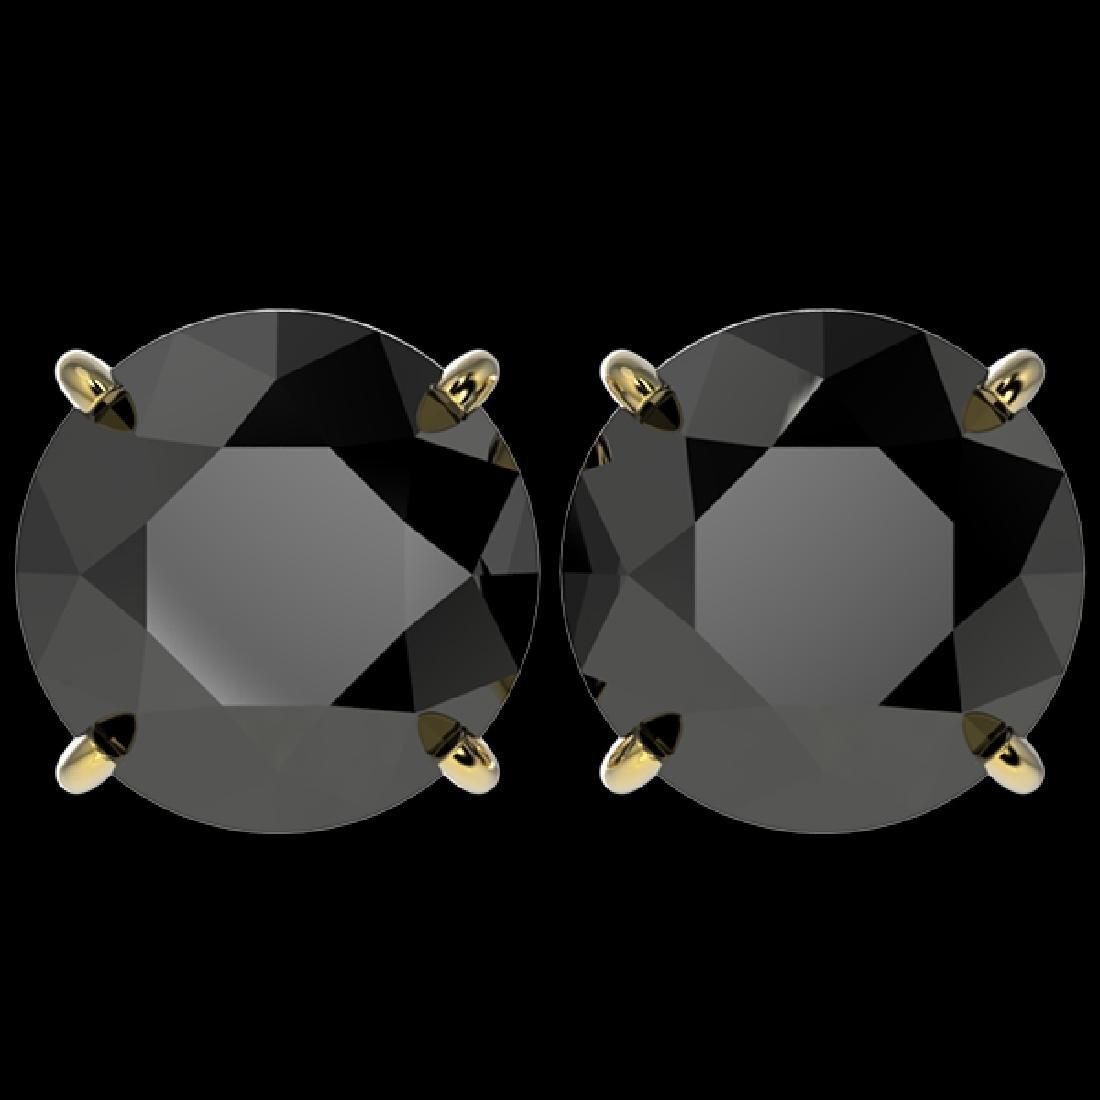 5.15 CTW Fancy Black VS Diamond Solitaire Stud Earrings